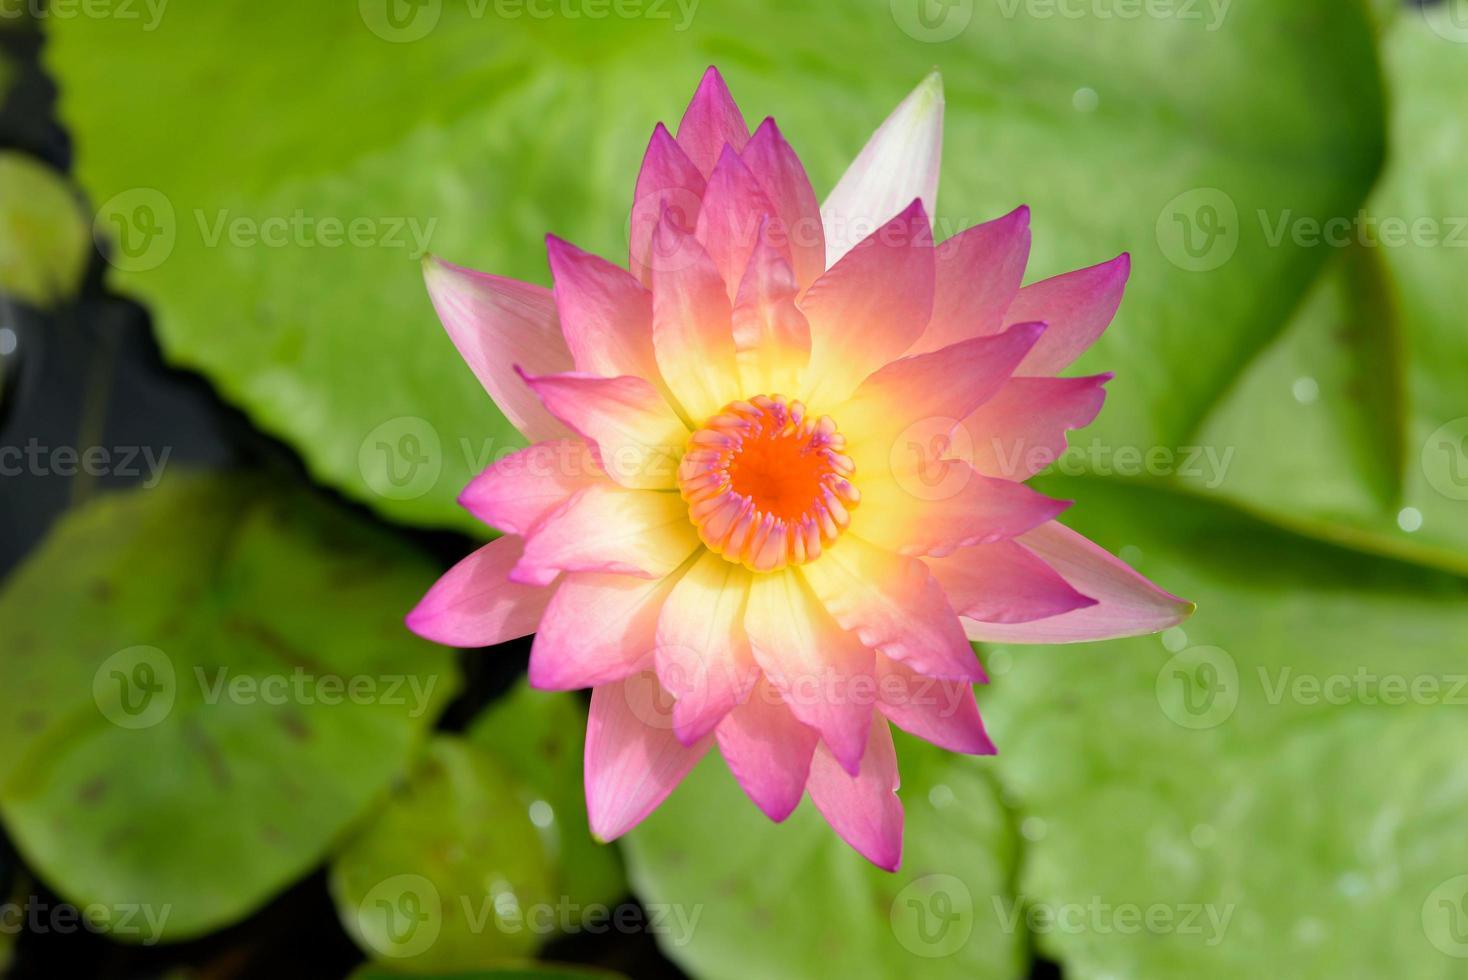 piante di fiori di loto e fiori di loto foto